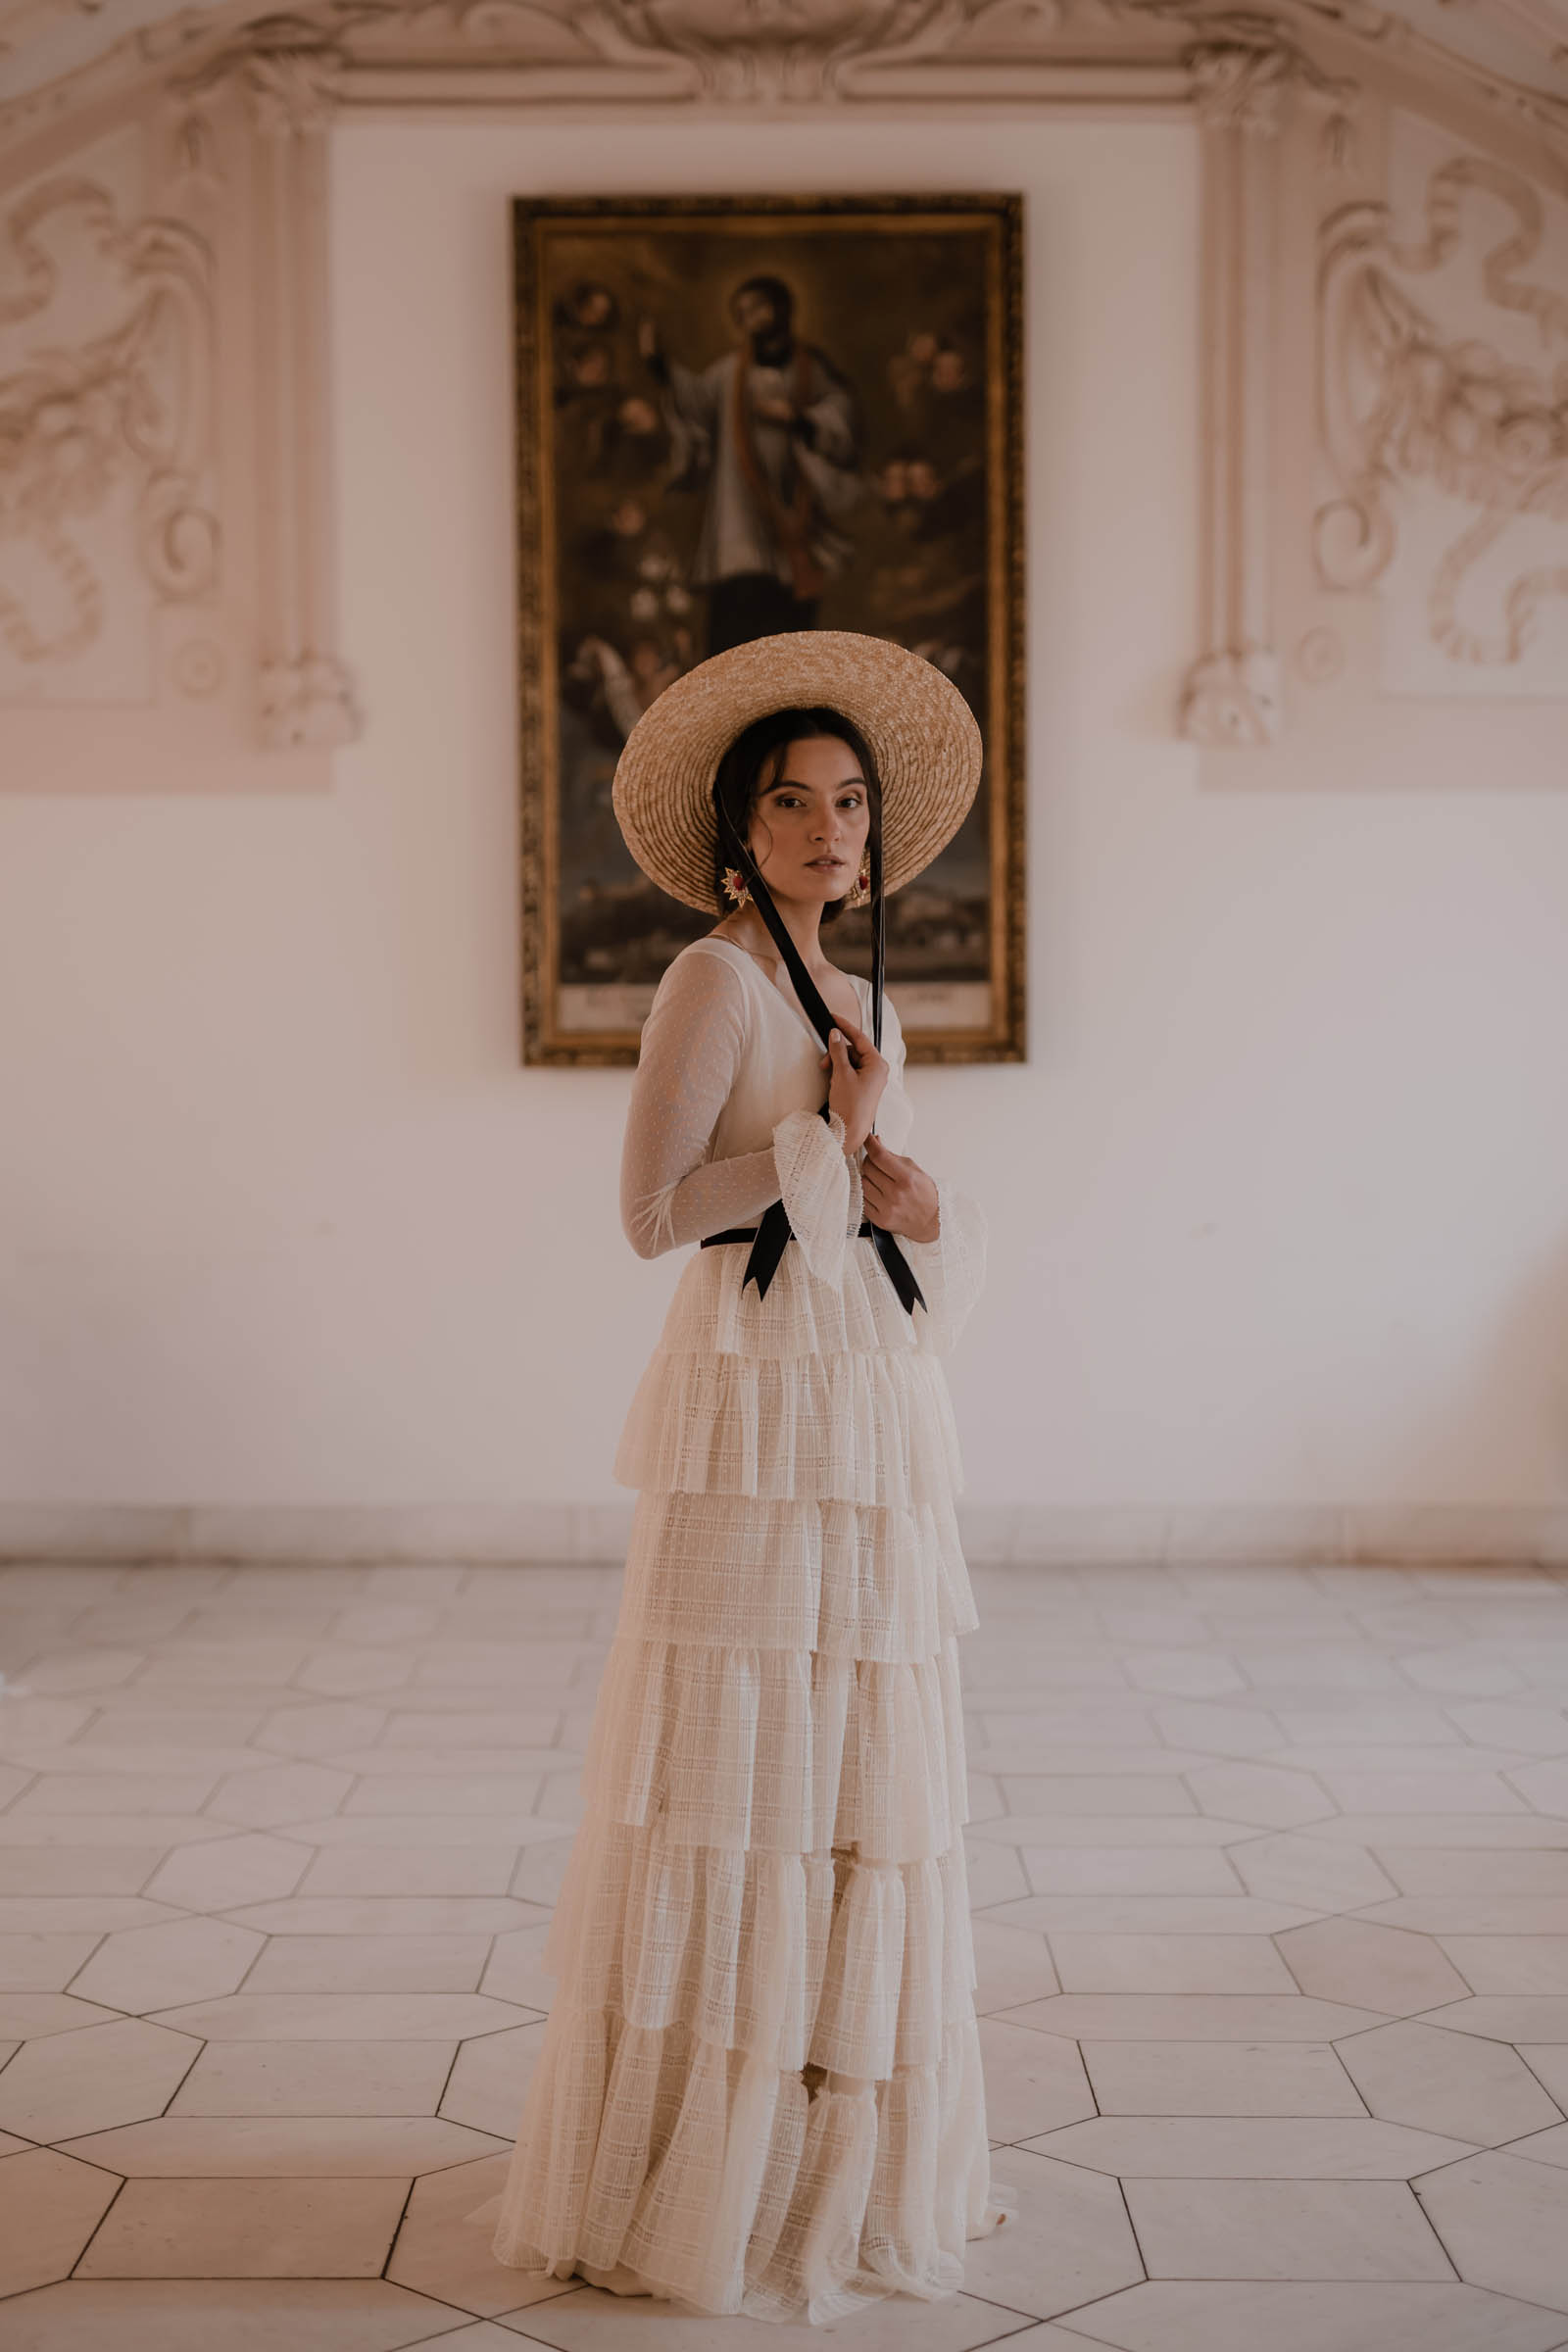 boho-svadobne-saty-veronika-kostkova-wedding-atelier-2019-noa-4